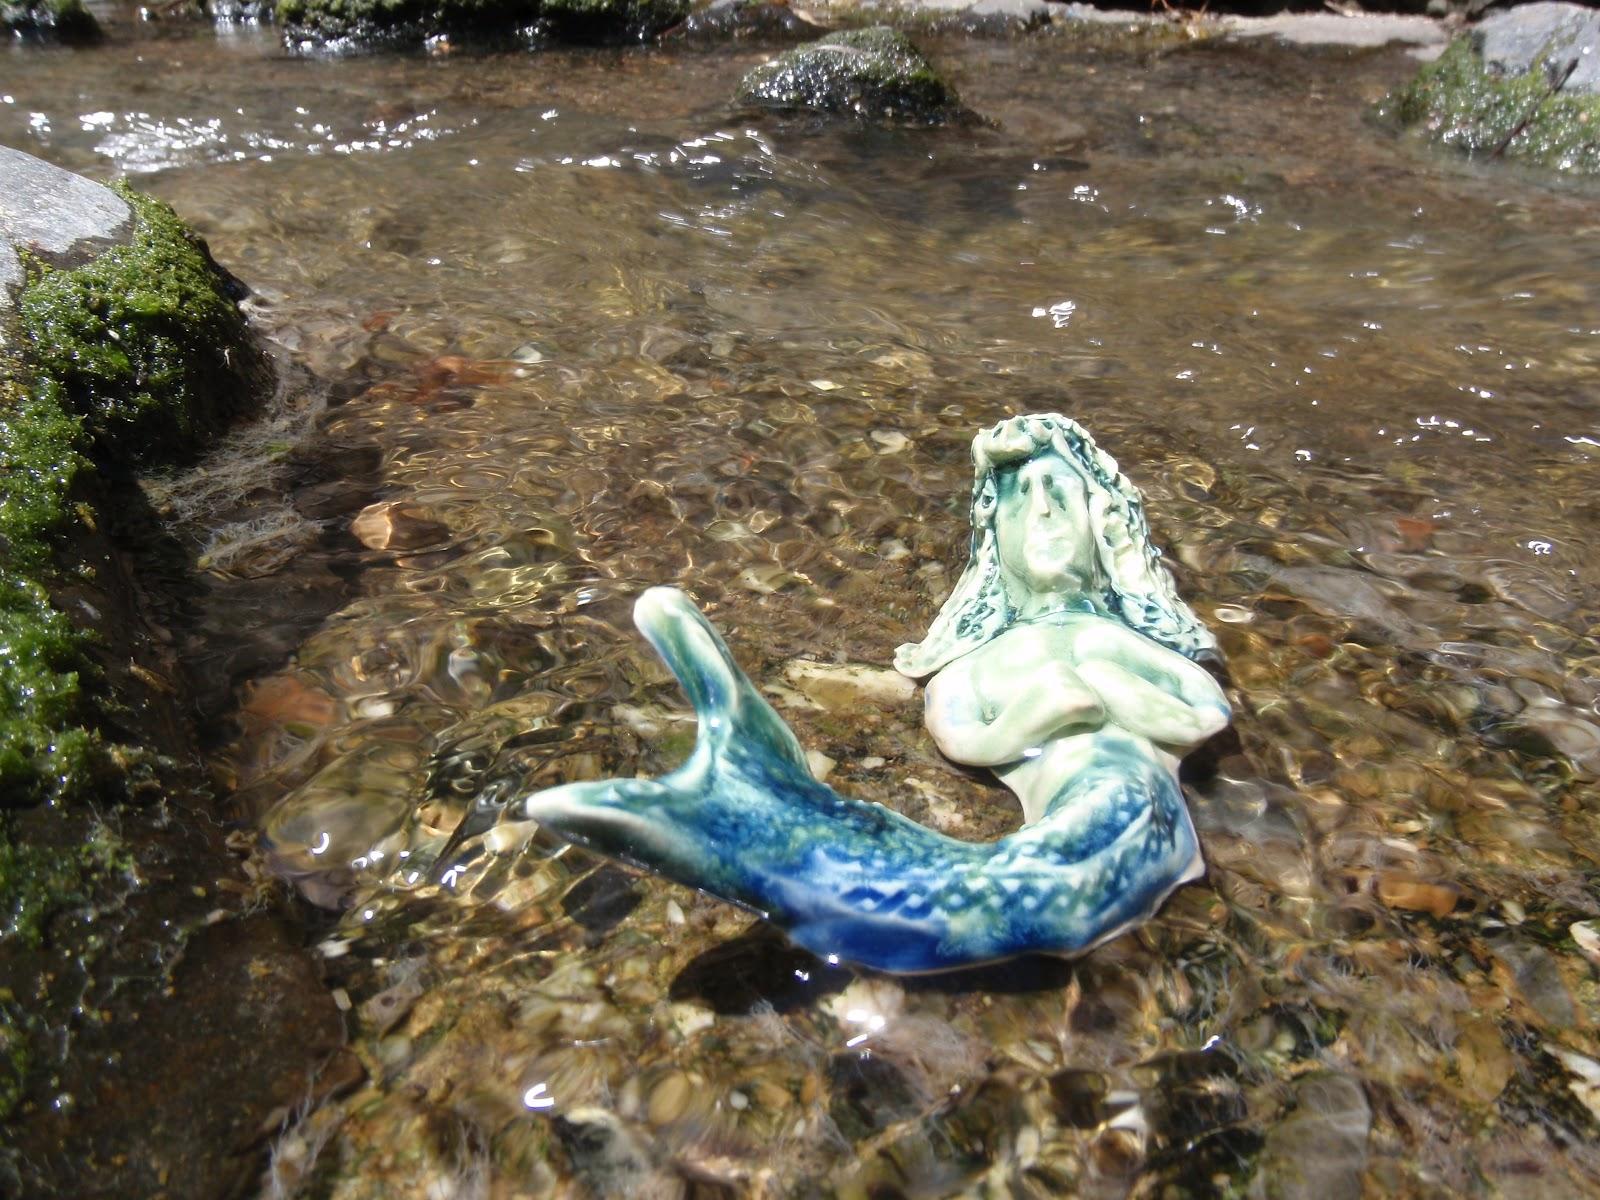 Are mermaids real 5 real cases of mermaid sightings - Mermaid Sighting June 2012